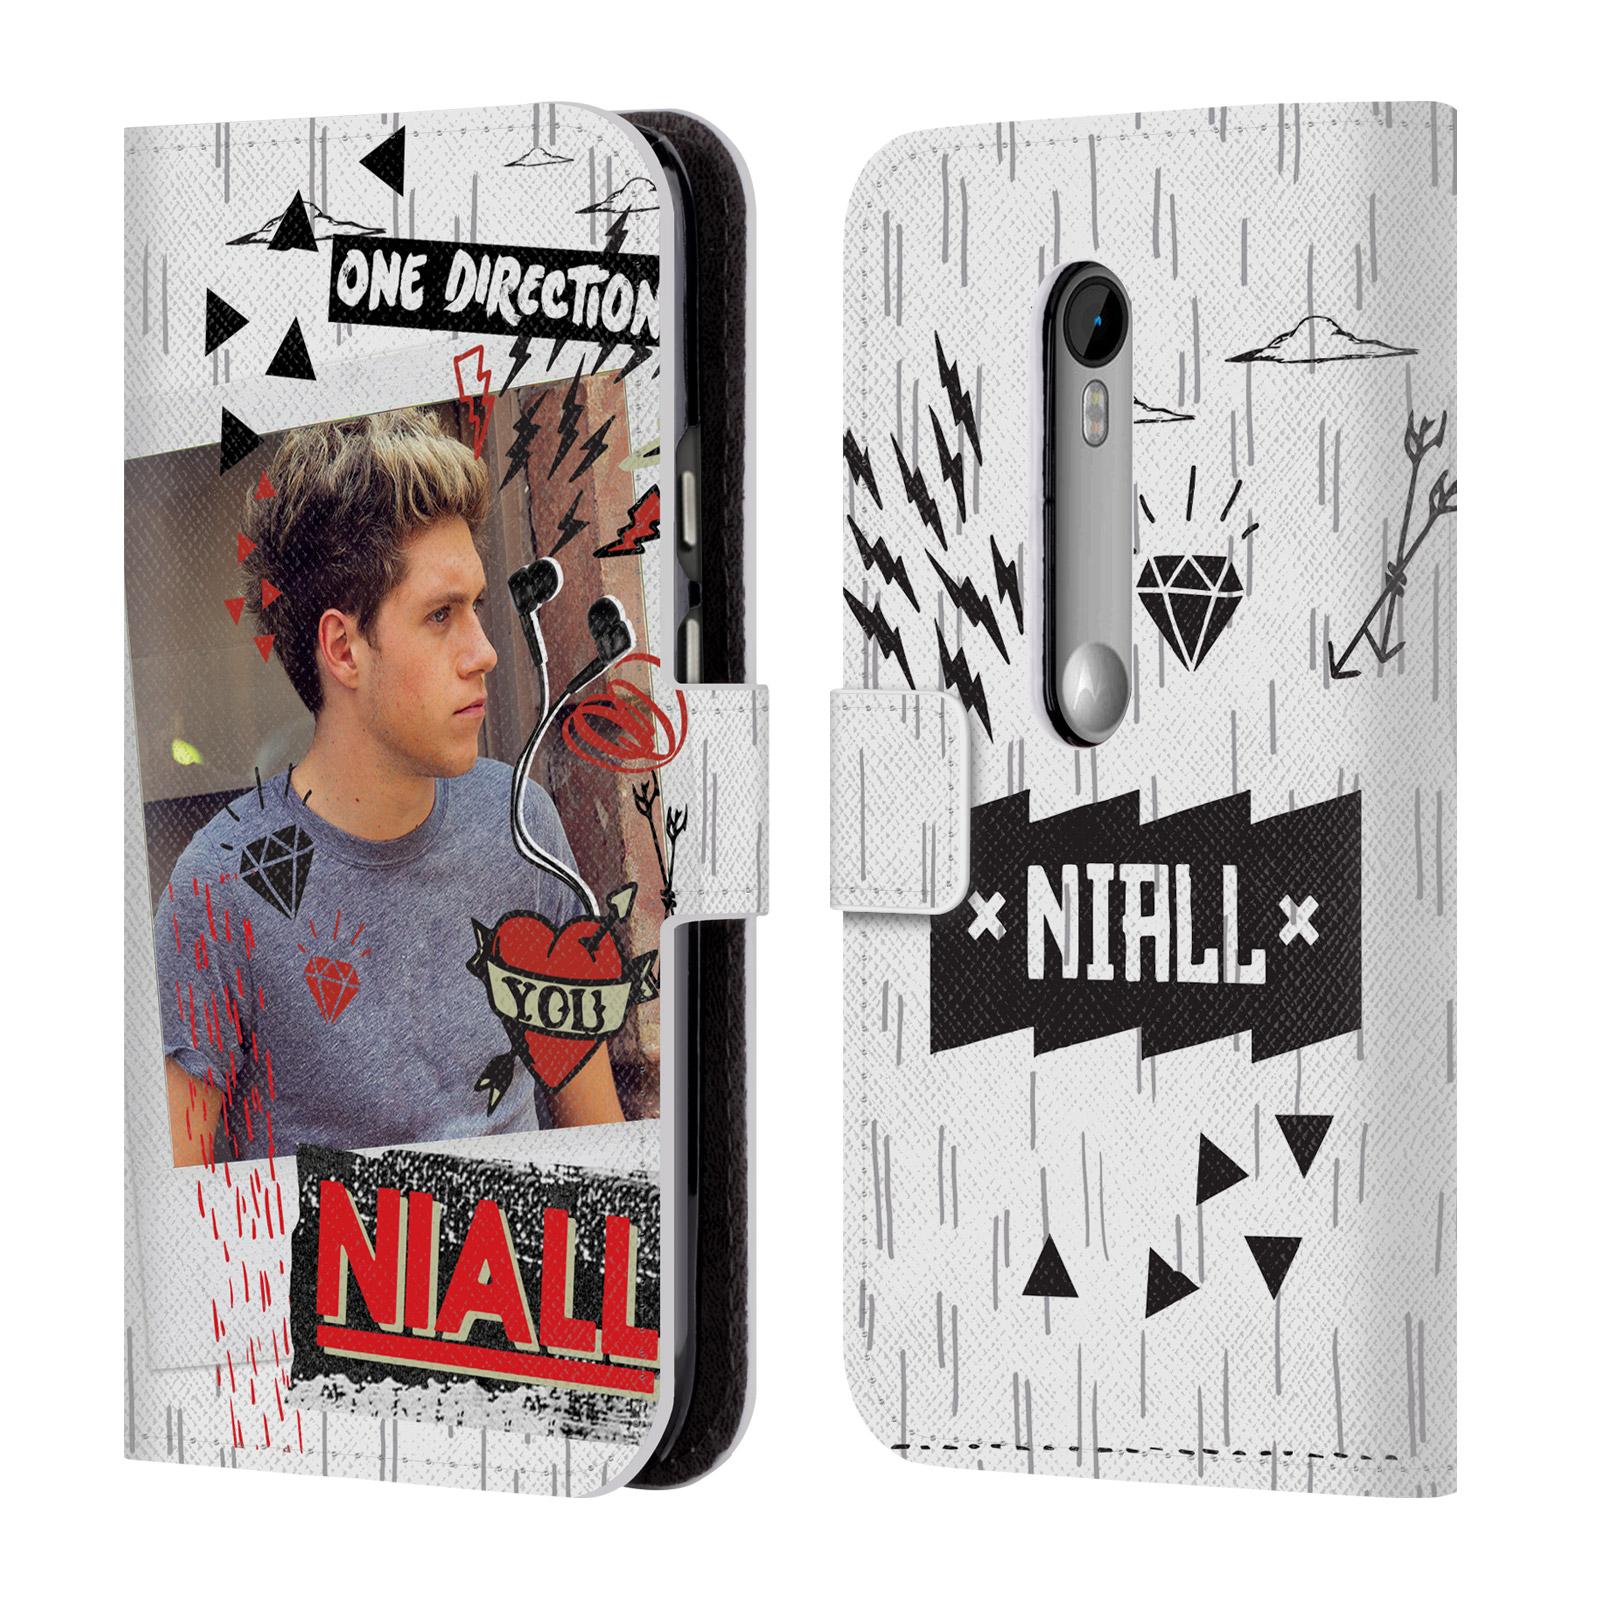 Officiel-One-Direction-1D-Midnight-Niall-livre-en-cuir-cas-pour-les-telephones-Motorola